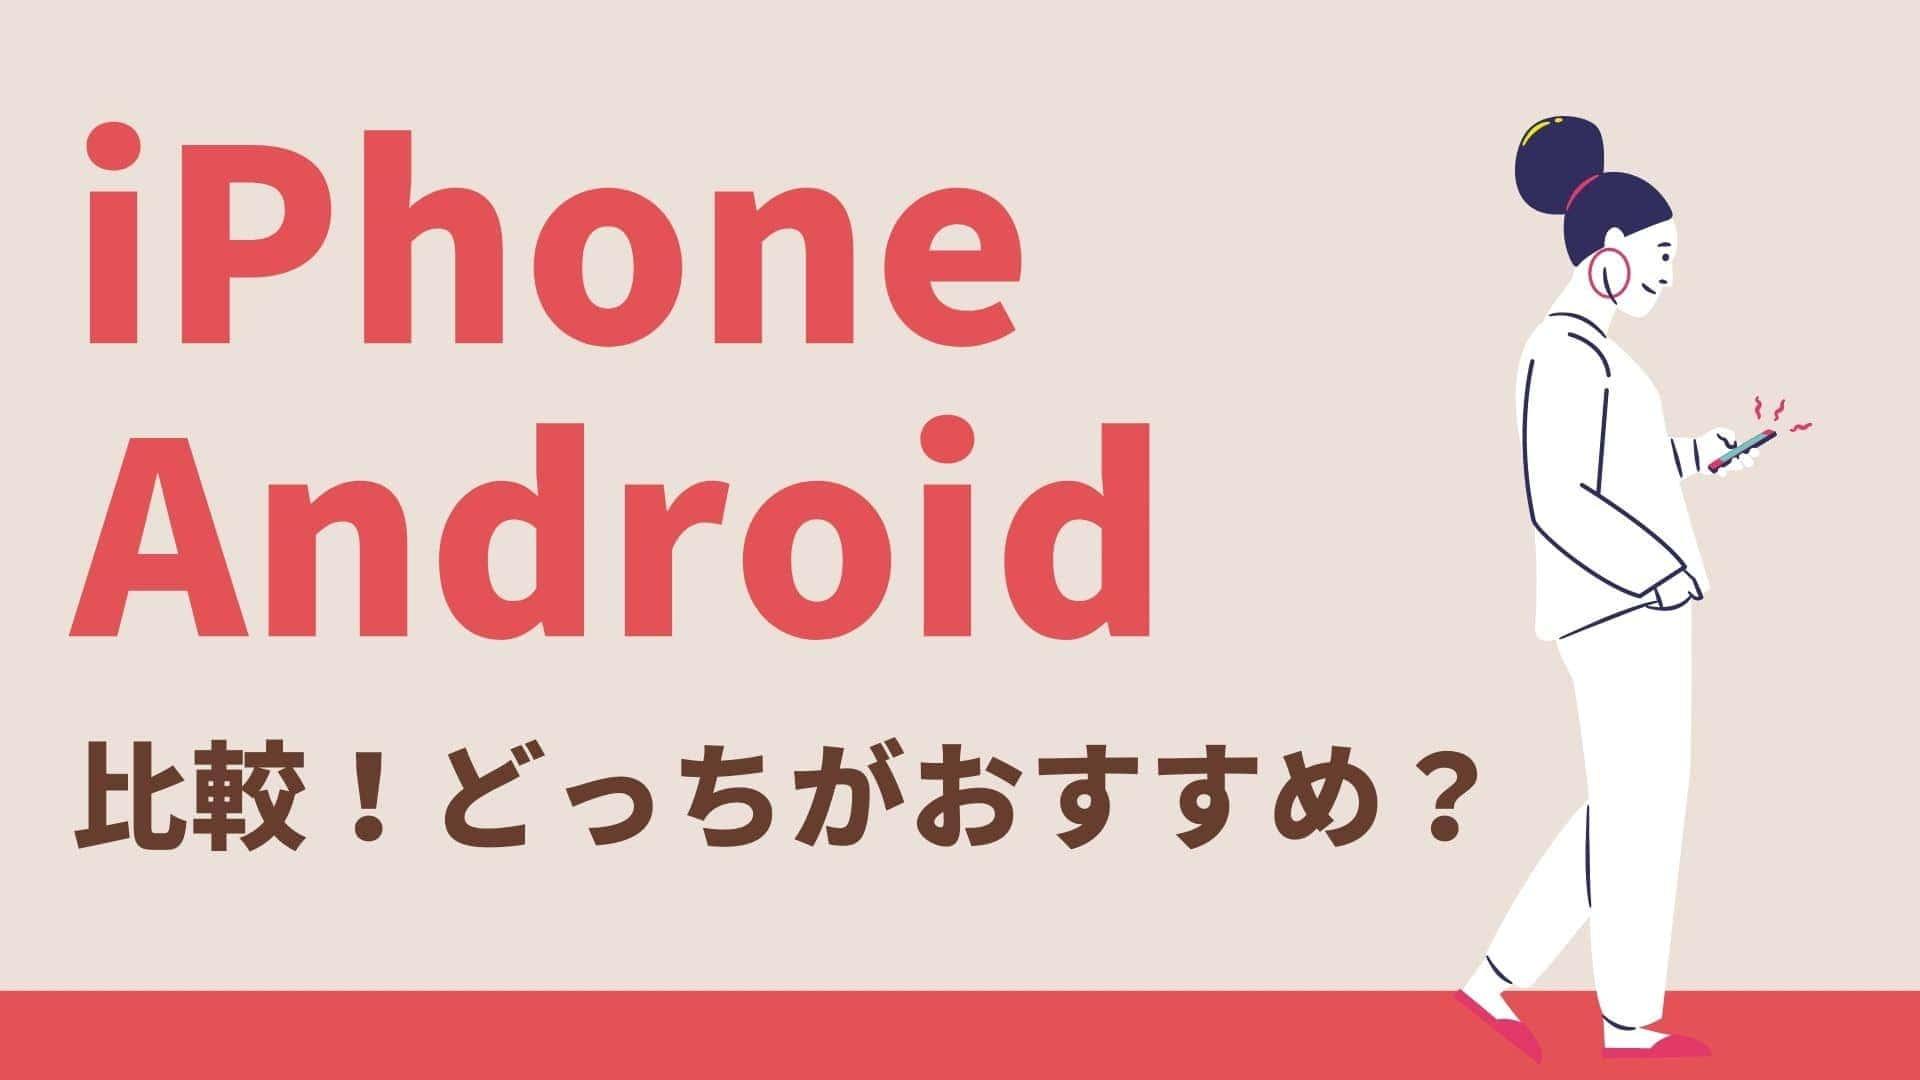 iPhoneとAndroidどっちがいいか比較!性能・値段・セキュリティの違い